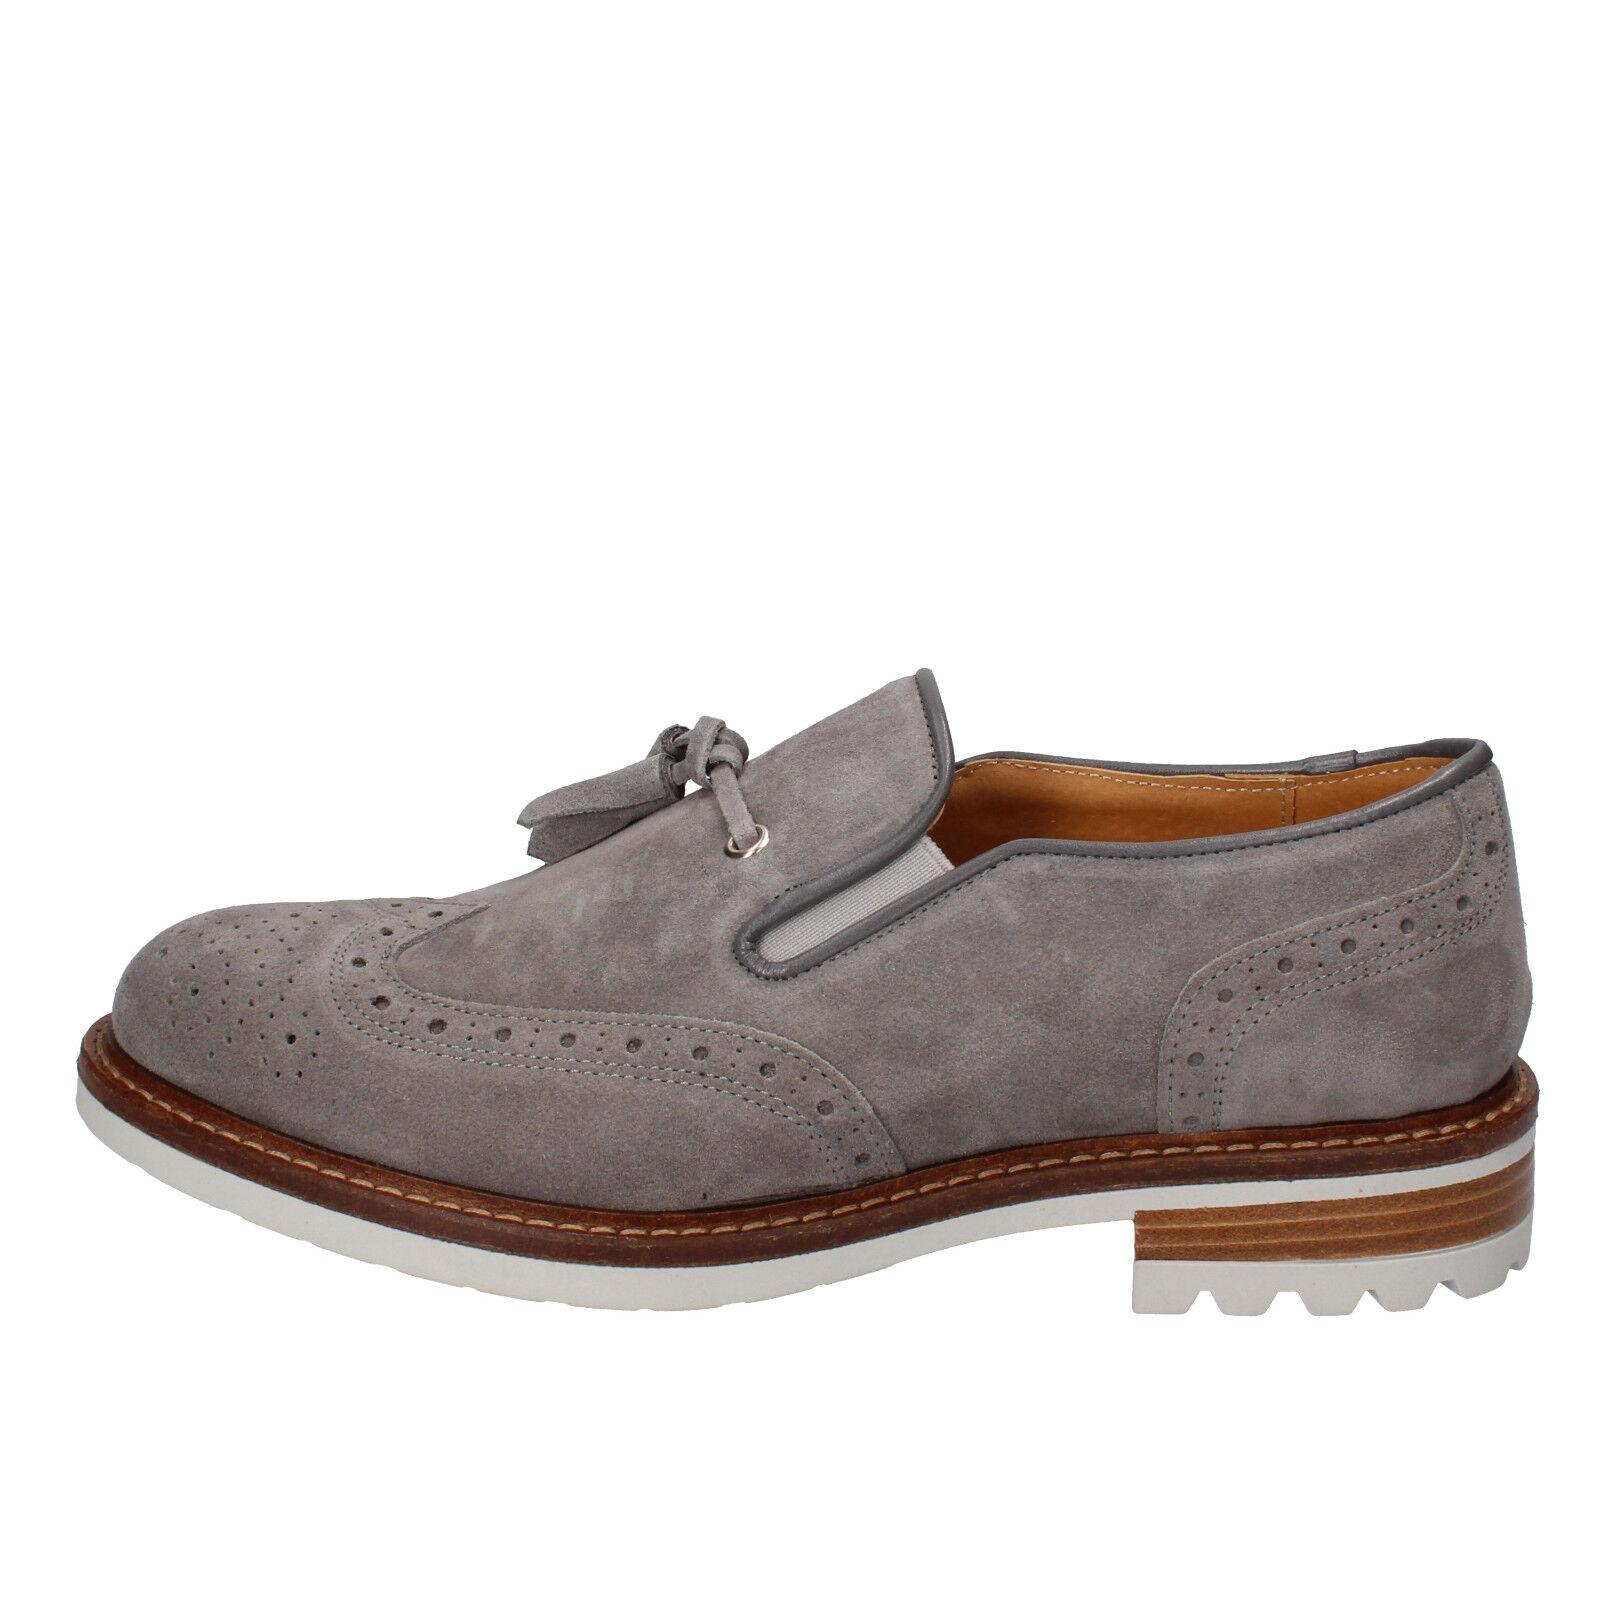 Mens shoes J. BREITLIN 9 (EU 43) loafers slip on grey suede AB662-E